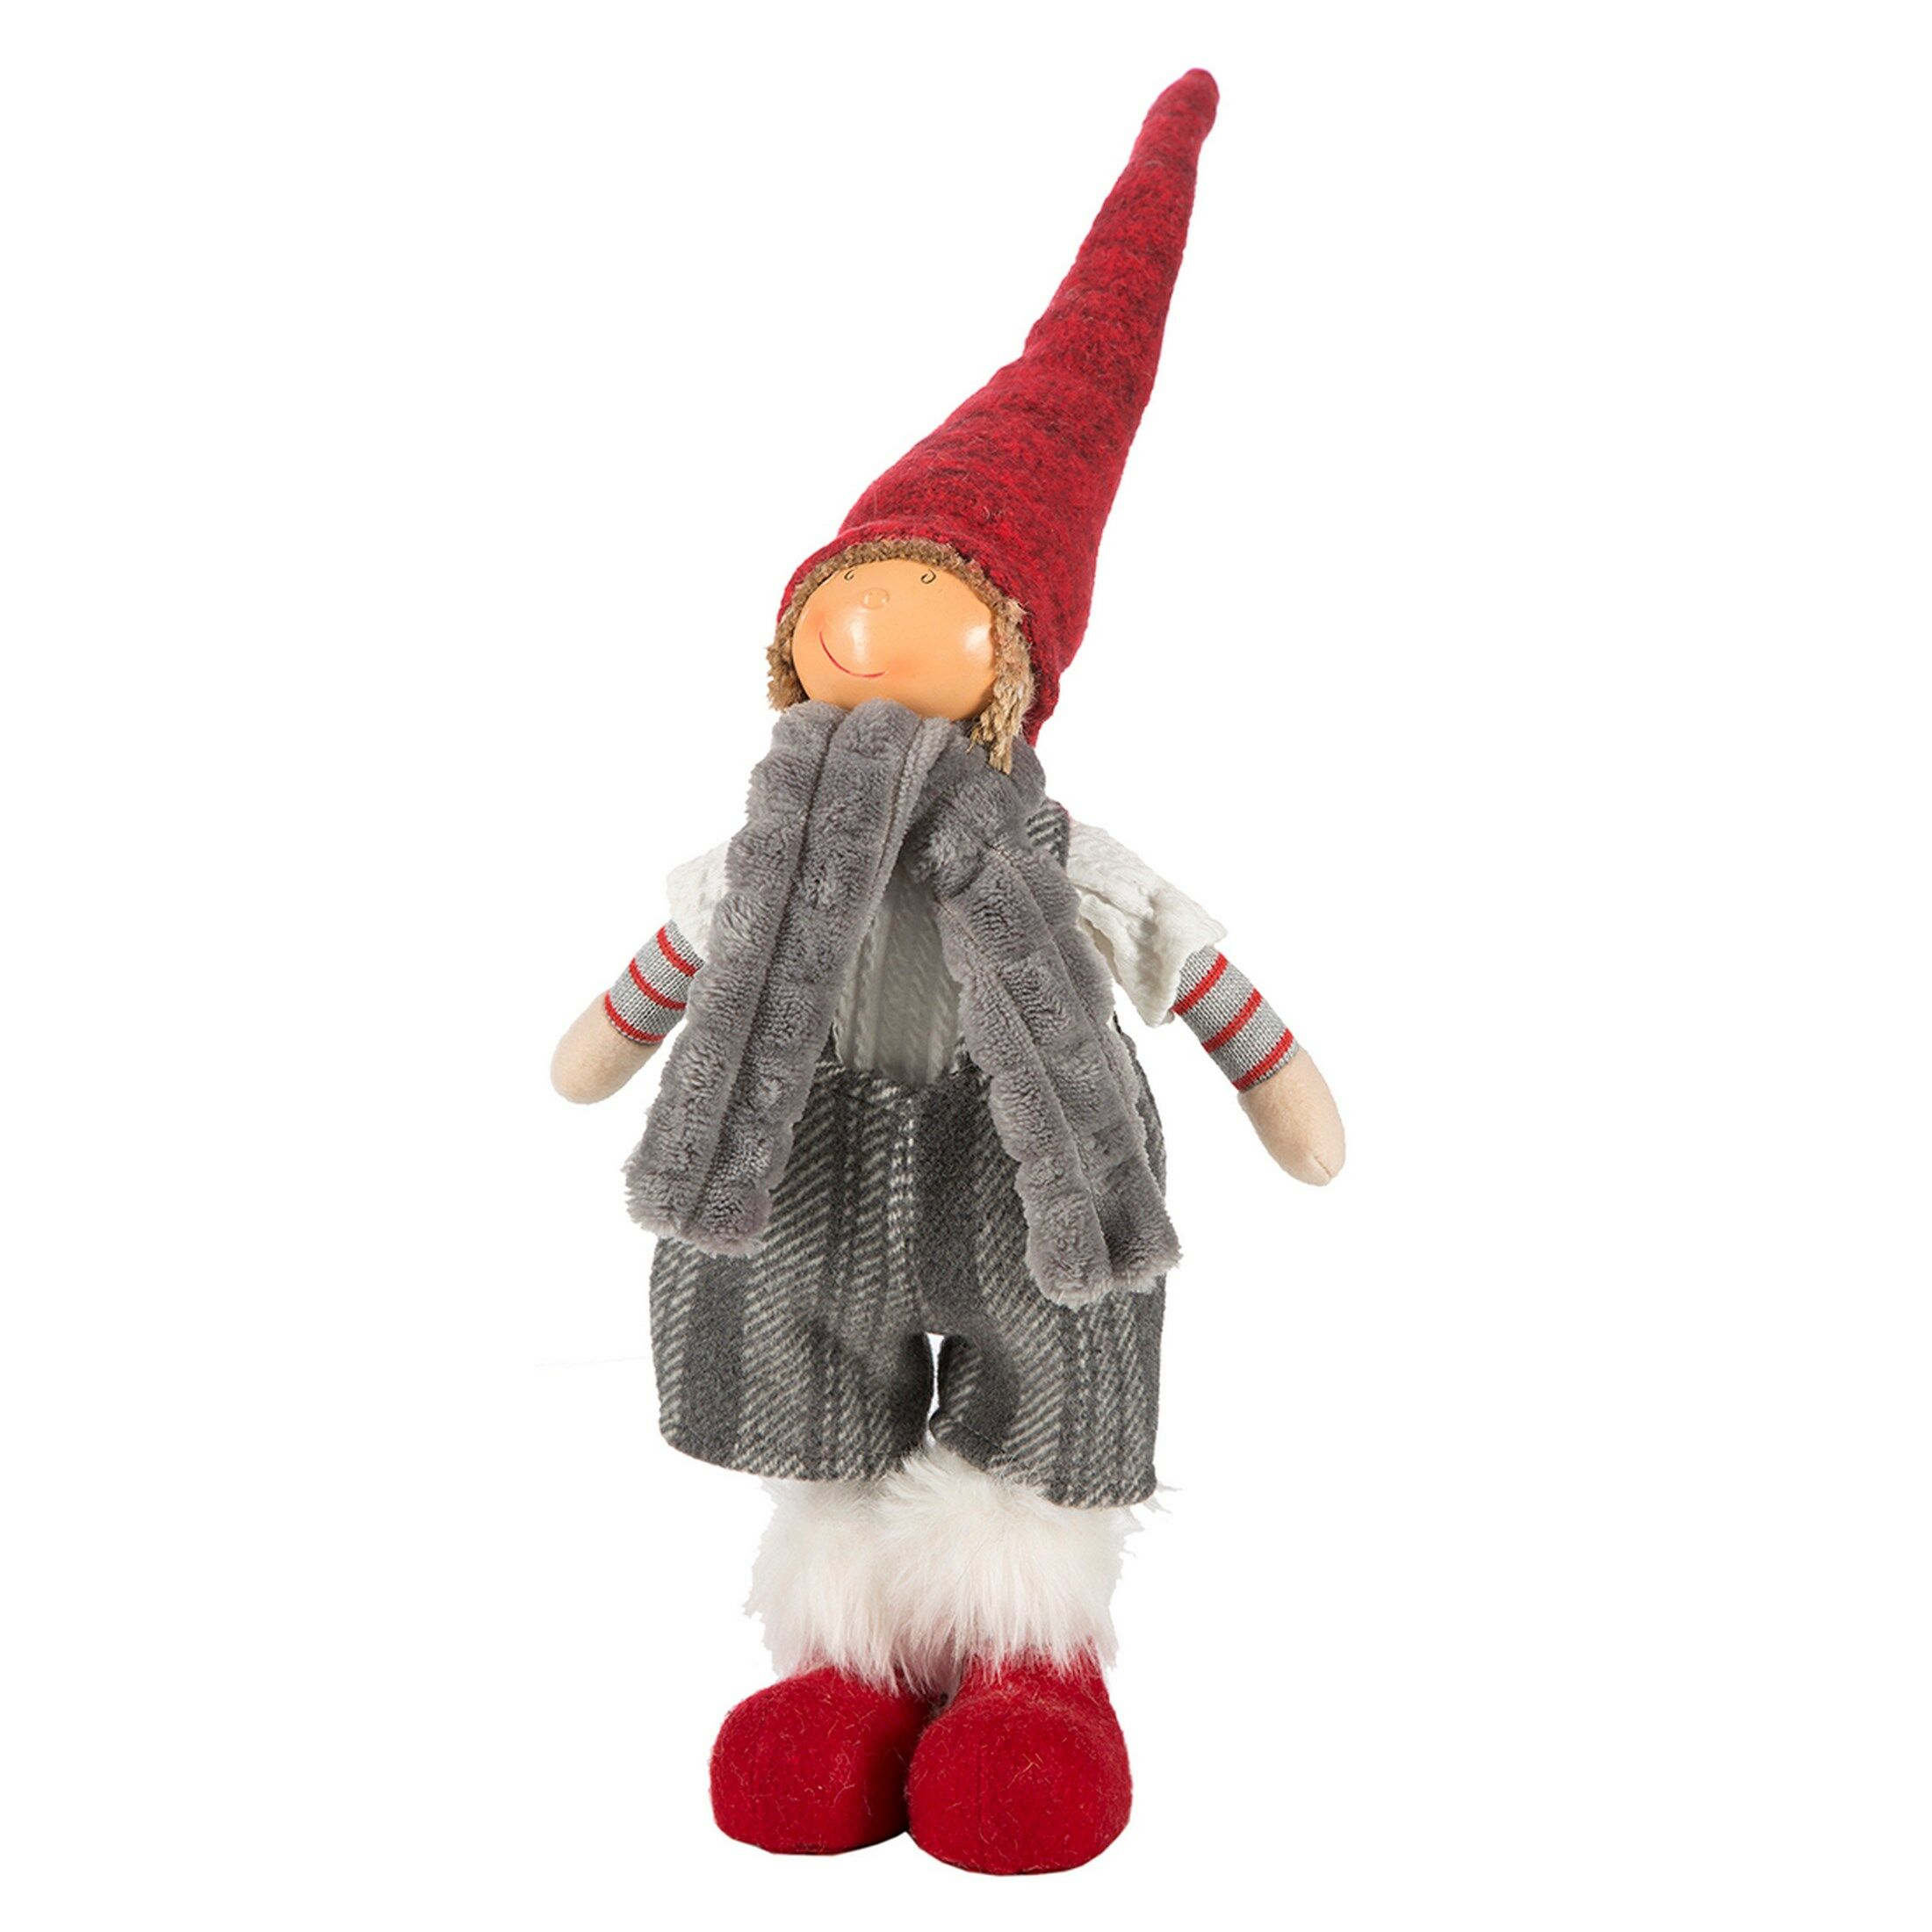 Ozdoba świąteczna Doll lalka 20B 32cm czerwona srebrna